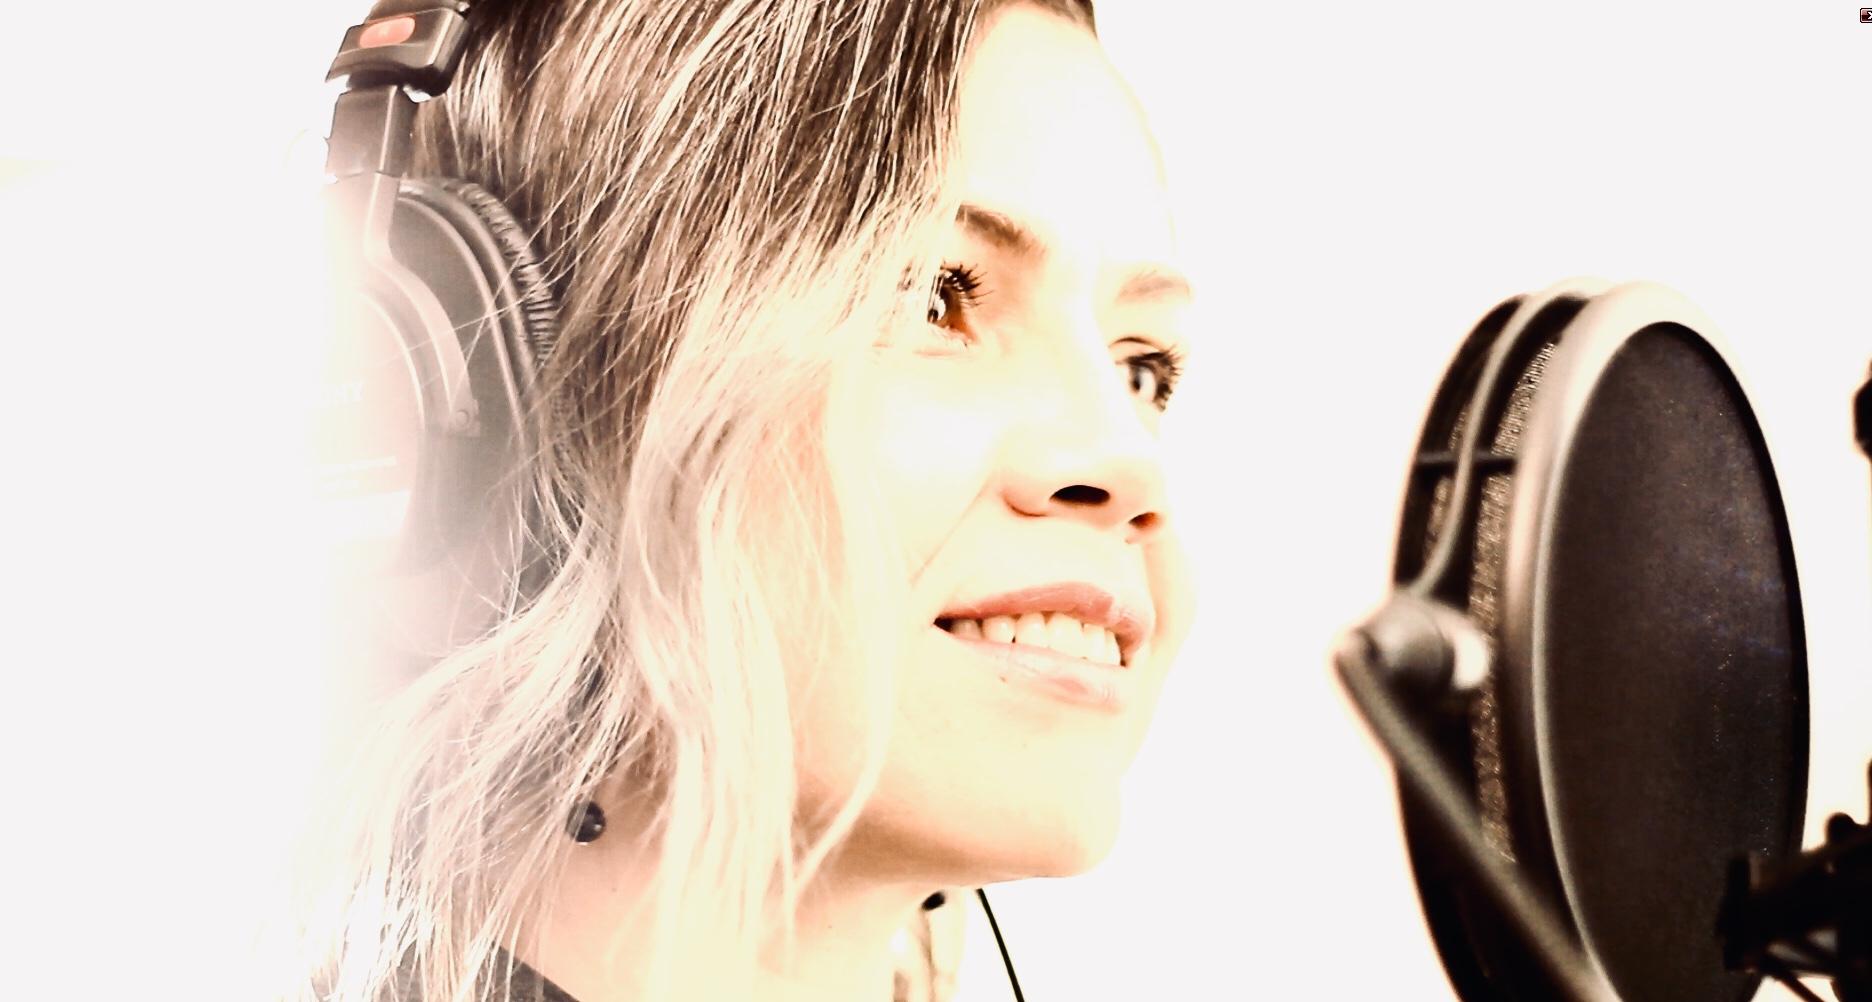 Verónica Perilla